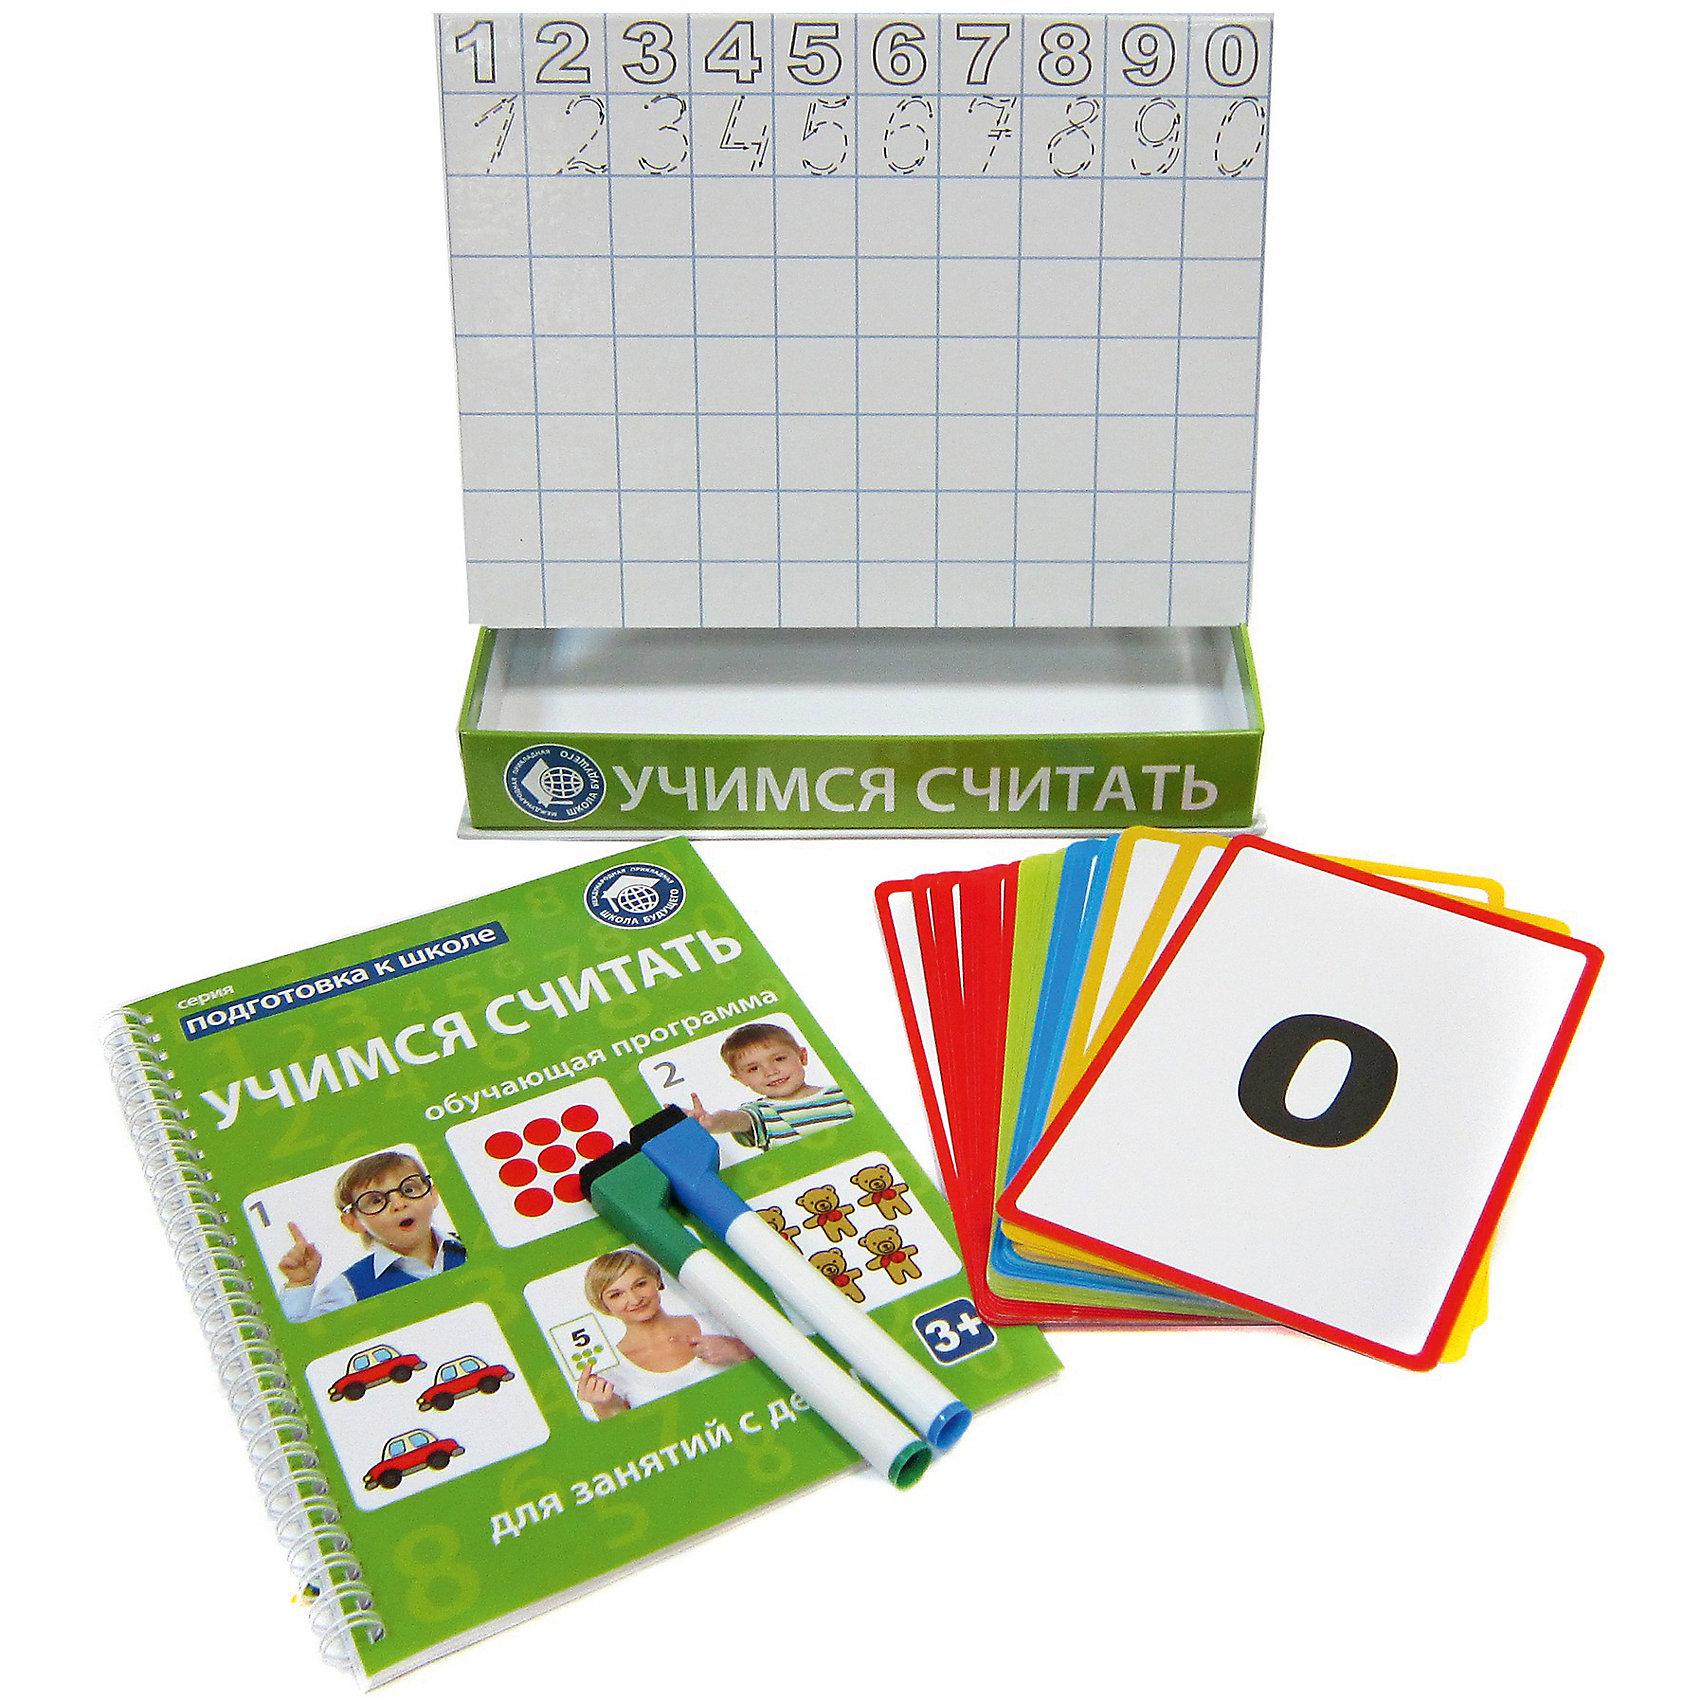 Обучающий набор «Учимся считать: цифры и счёт до 10»Пособия для обучения счёту<br>Обучающий набор «УЧИМСЯ СЧИТАТЬ: цифры и счёт до 10» включает в себя обучающую программу с комплектом уникальных карточек, при помощи которых, ребенок сможет играть в увлекательные игры, а также выполнять различные математические упражнения. Специальная доска для рисования поможет научиться правильно писать цифры и отображать счет на письме. Обучающая программа позволит освоить счет до десяти, и конечно понять, для чего нужны цифры. Программа включает в себя большое количество упражнений, полезных заданий и игр.<br>В комплект входит: 1  доска для рисования, 44 обучающие карточки,2  маркера «пиши-стирай», обучающая программа (книжка для родителей).<br>Набор продается в коробке из плотного картона. Ее размер: 20,3х26,5х4,5 см.<br>Рекомендуется детям от трех лет.<br><br>Ширина мм: 265<br>Глубина мм: 45<br>Высота мм: 203<br>Вес г: 980<br>Возраст от месяцев: 36<br>Возраст до месяцев: 72<br>Пол: Унисекс<br>Возраст: Детский<br>SKU: 5426451